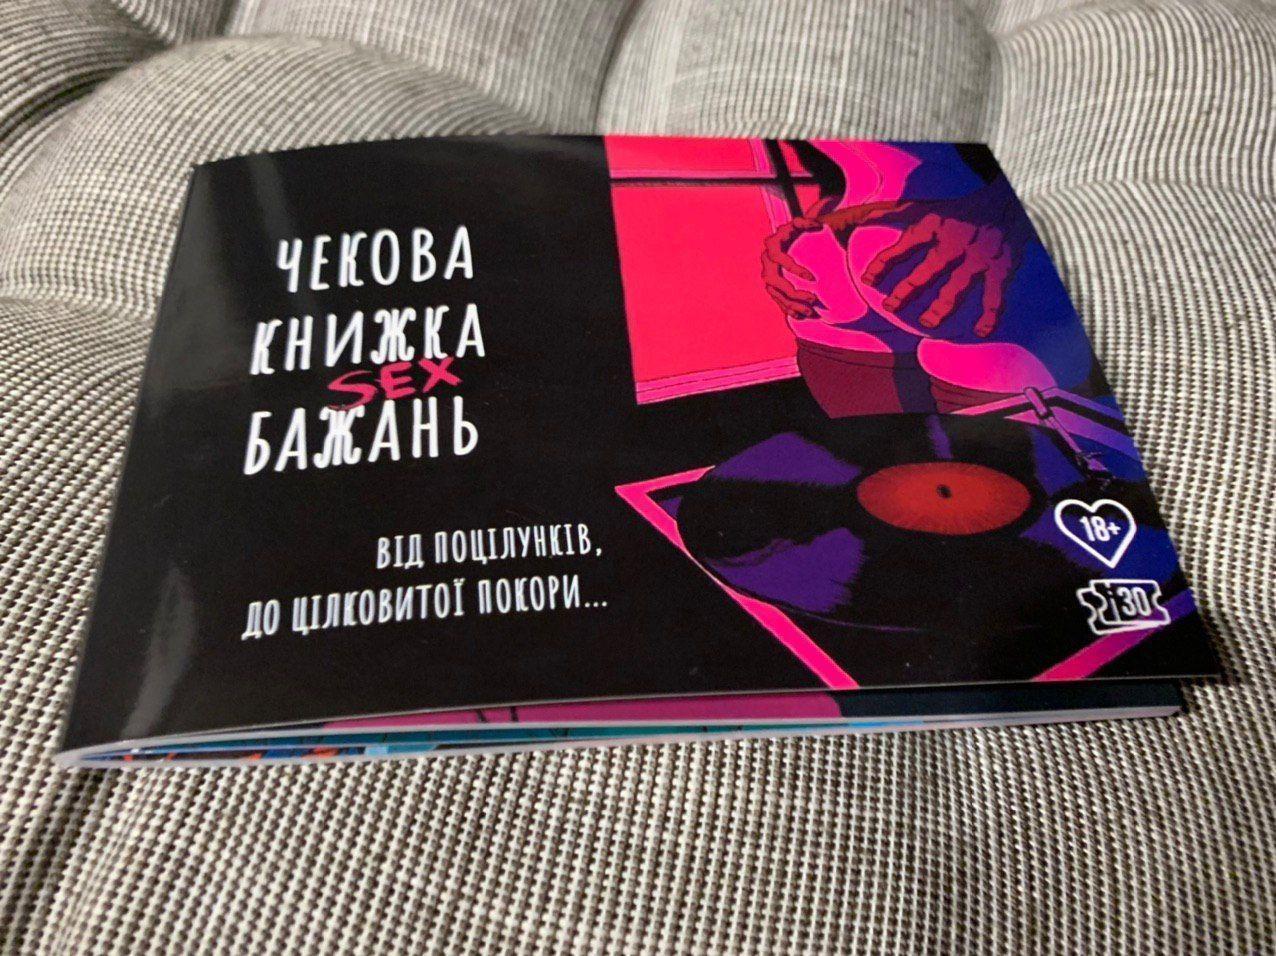 Чекова книжка секс бажань: інтимний подарунок коханій людині! (Україномовна версія)